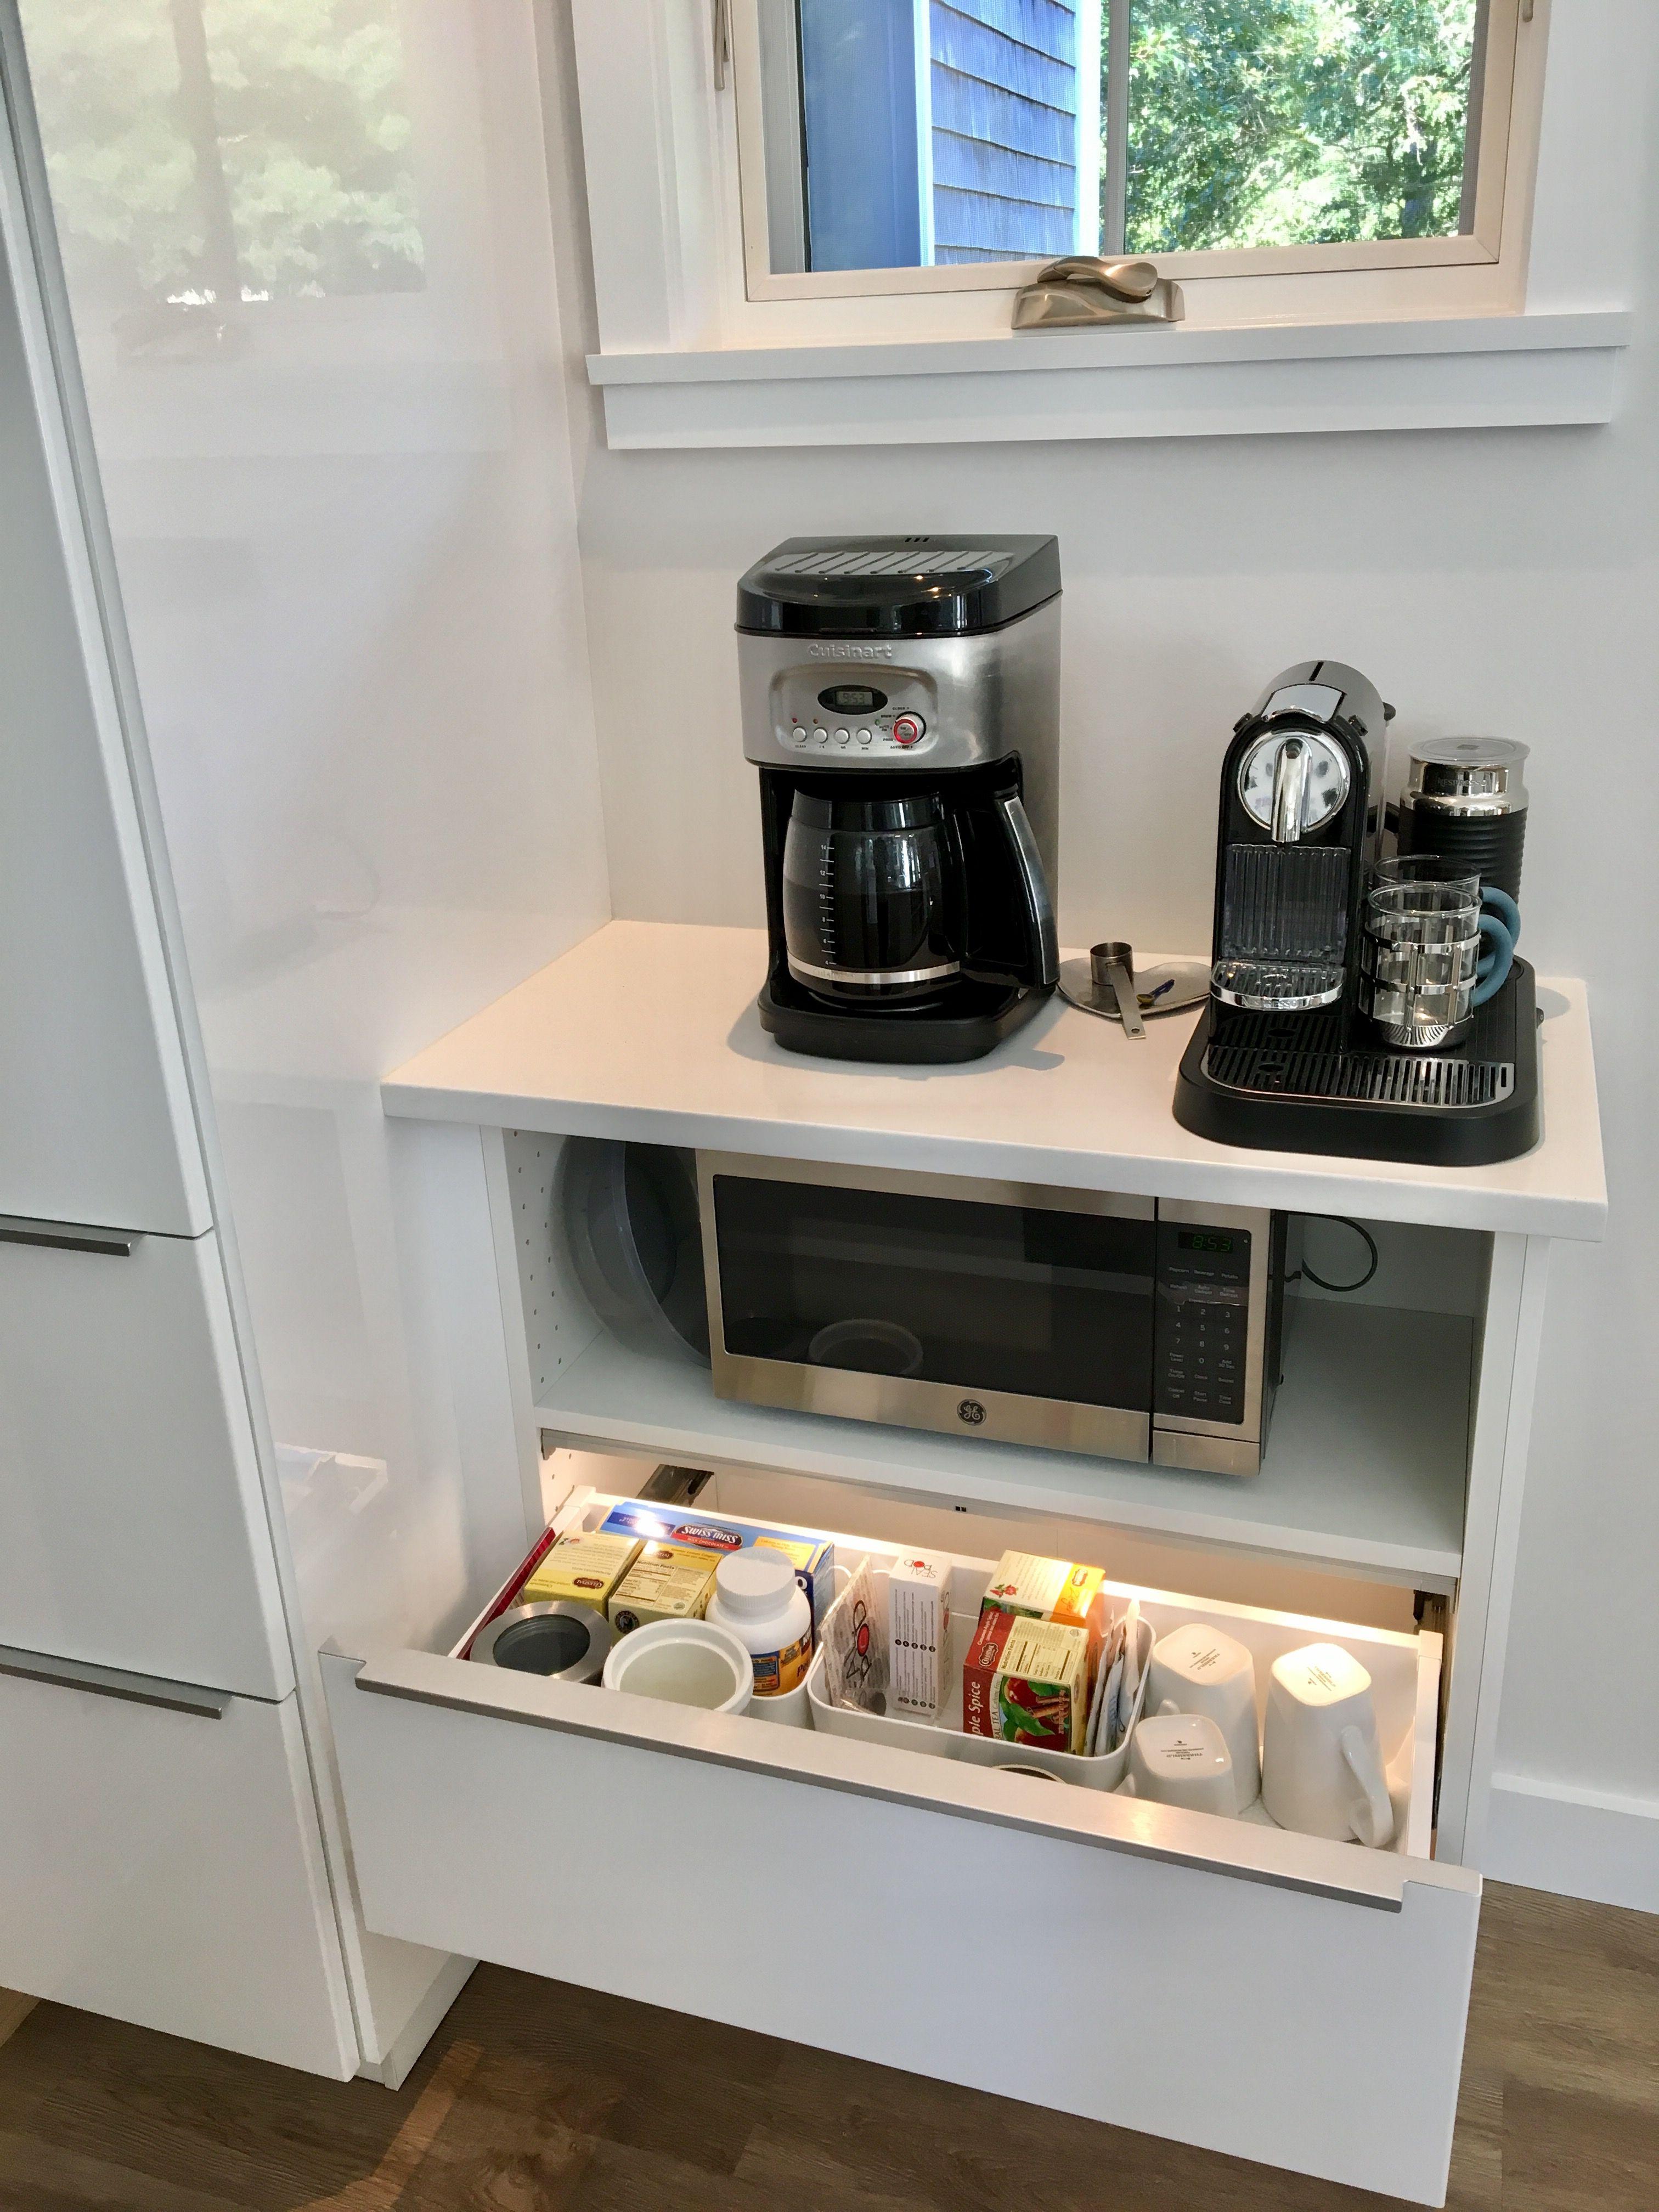 Maybe Microwave Is Better In Coffee Nook Kitchen Design Small Kitchen Design Modern White Kitchen Cabinet Design [ 4032 x 3024 Pixel ]